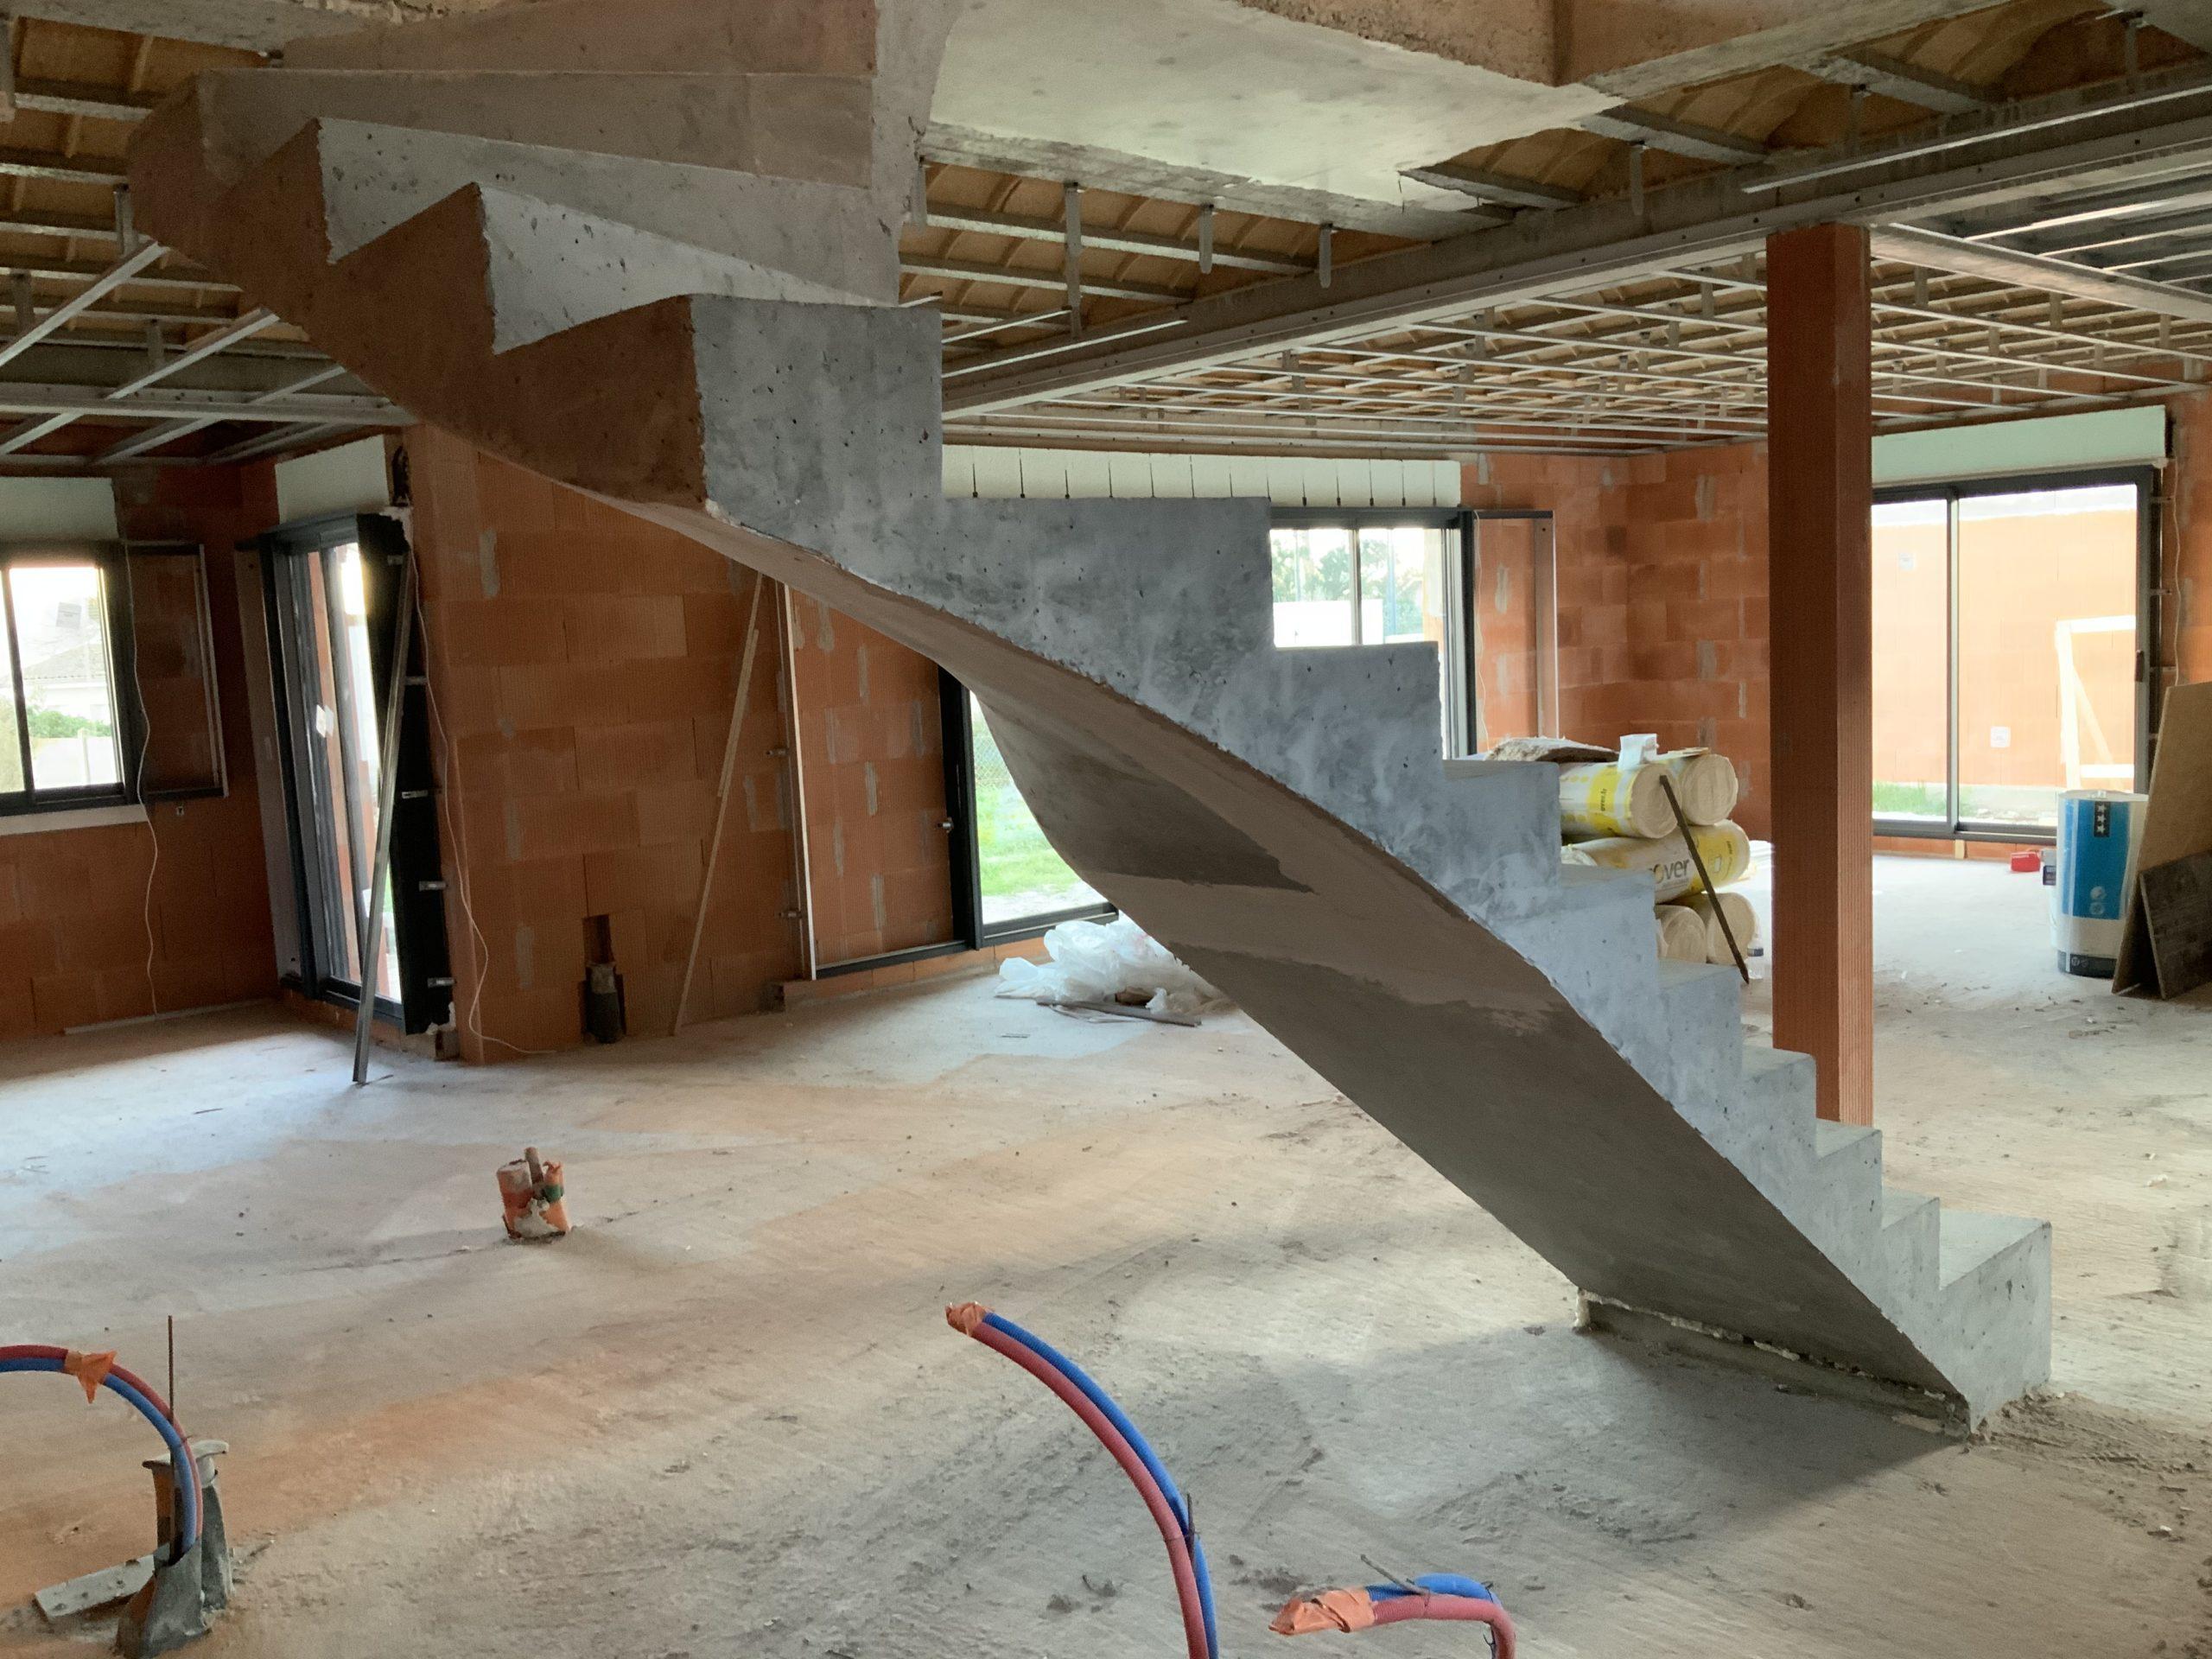 Escalier tournant deux quart balancé suspendu dans une maison en brique